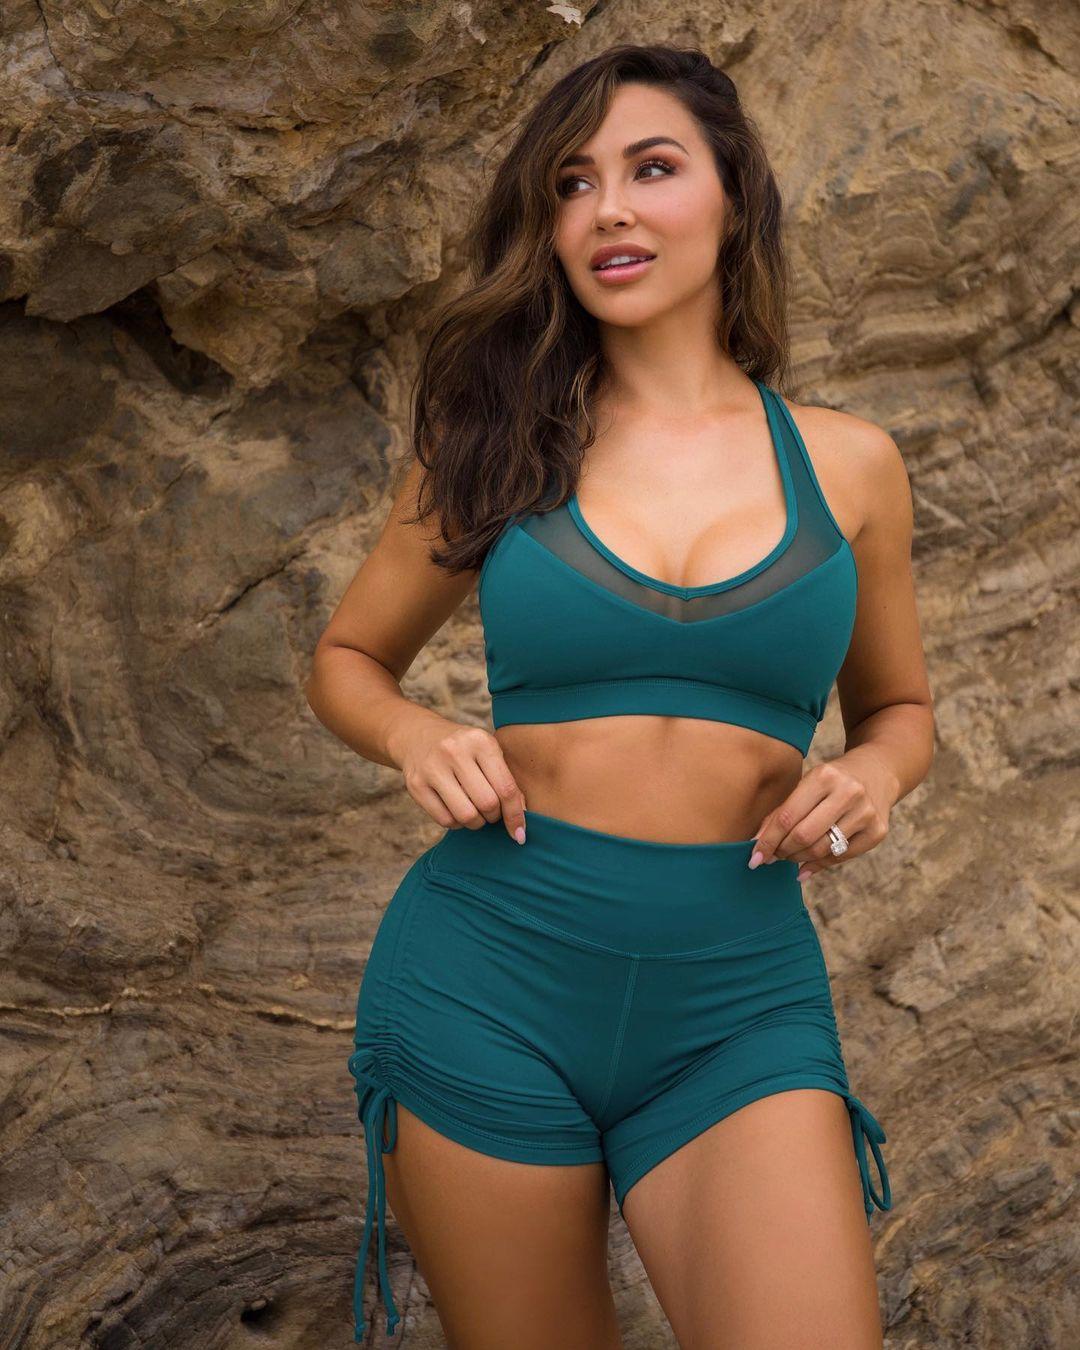 Ана Чери (Ana Cherí) - Самая горячая модель и фитнес тренер 11